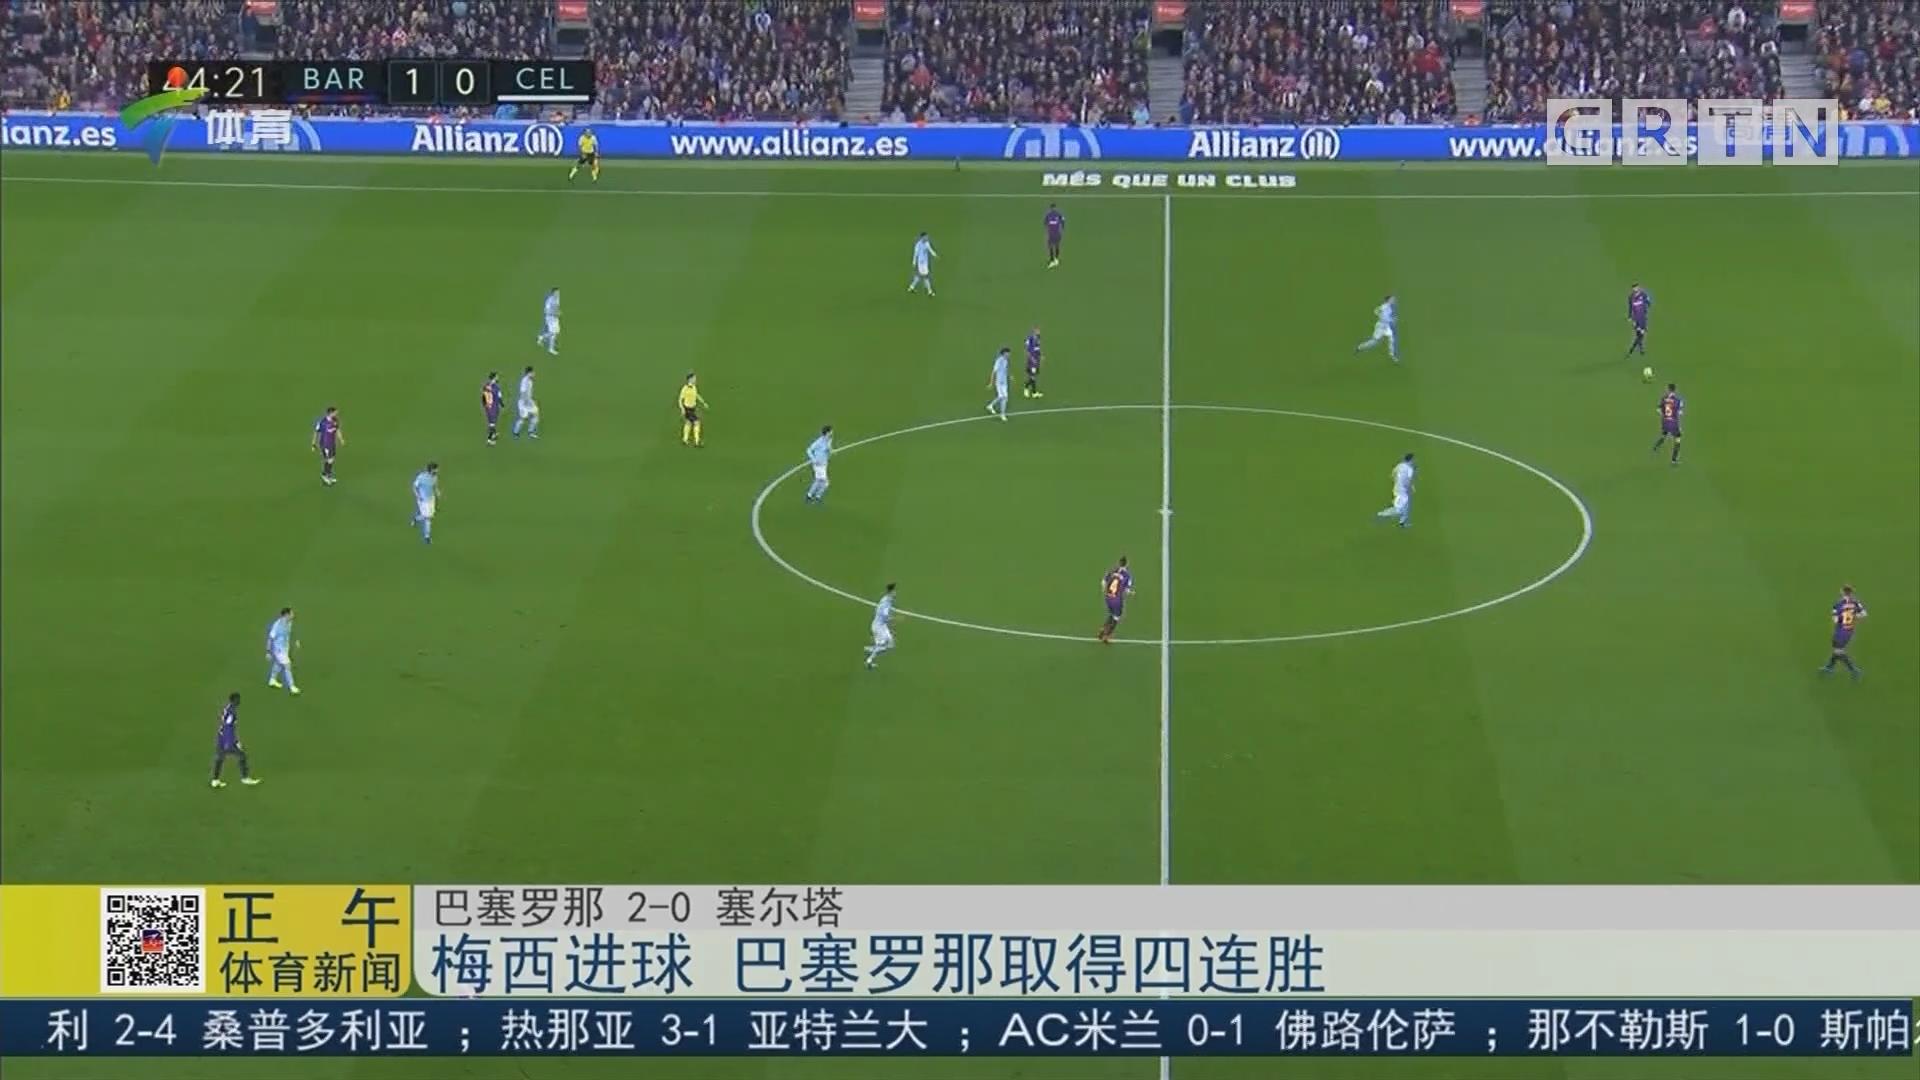 梅西进球 巴塞罗那取得四连胜